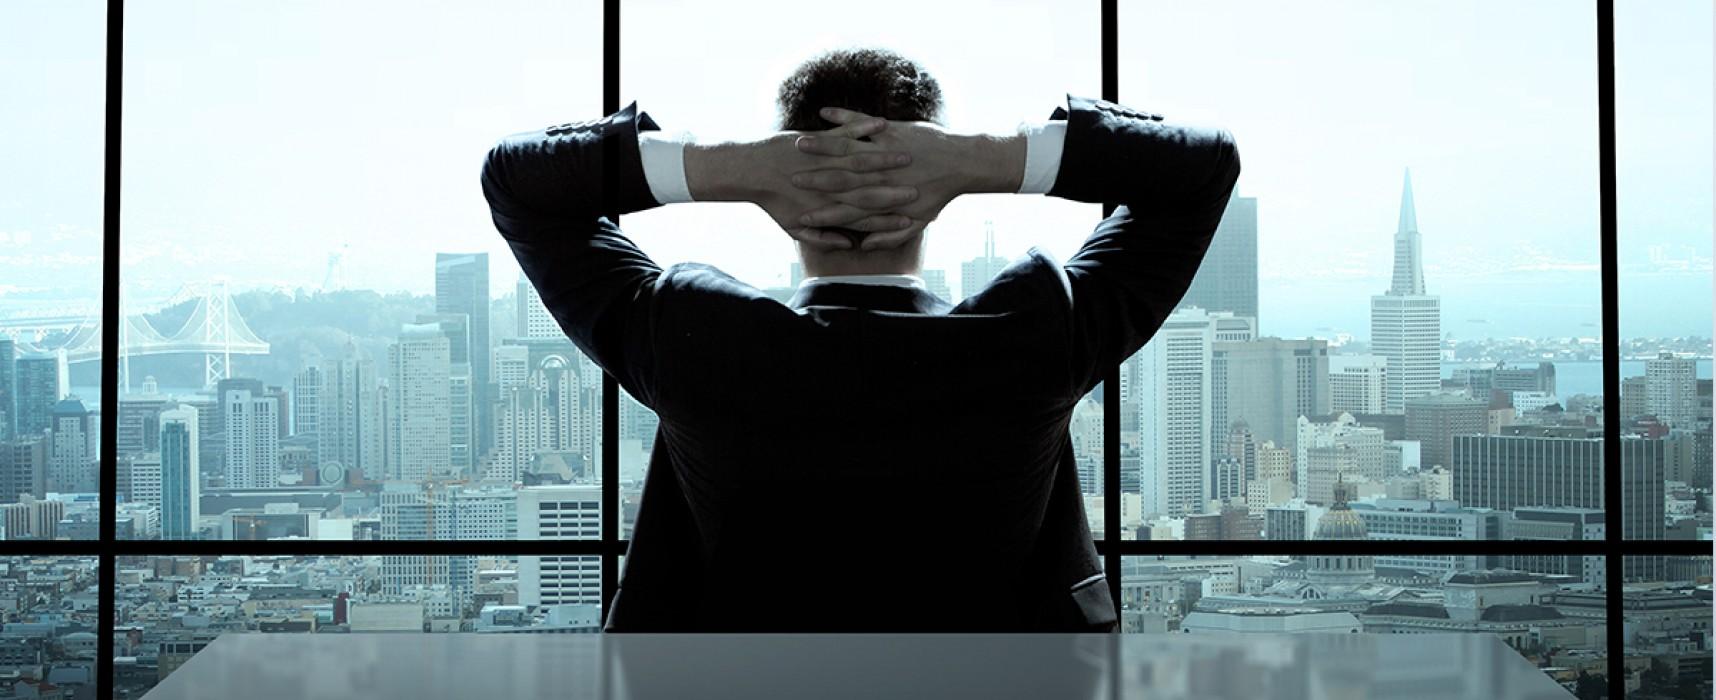 Para brasileiro, chegar a um cargo de liderança não é prioridade